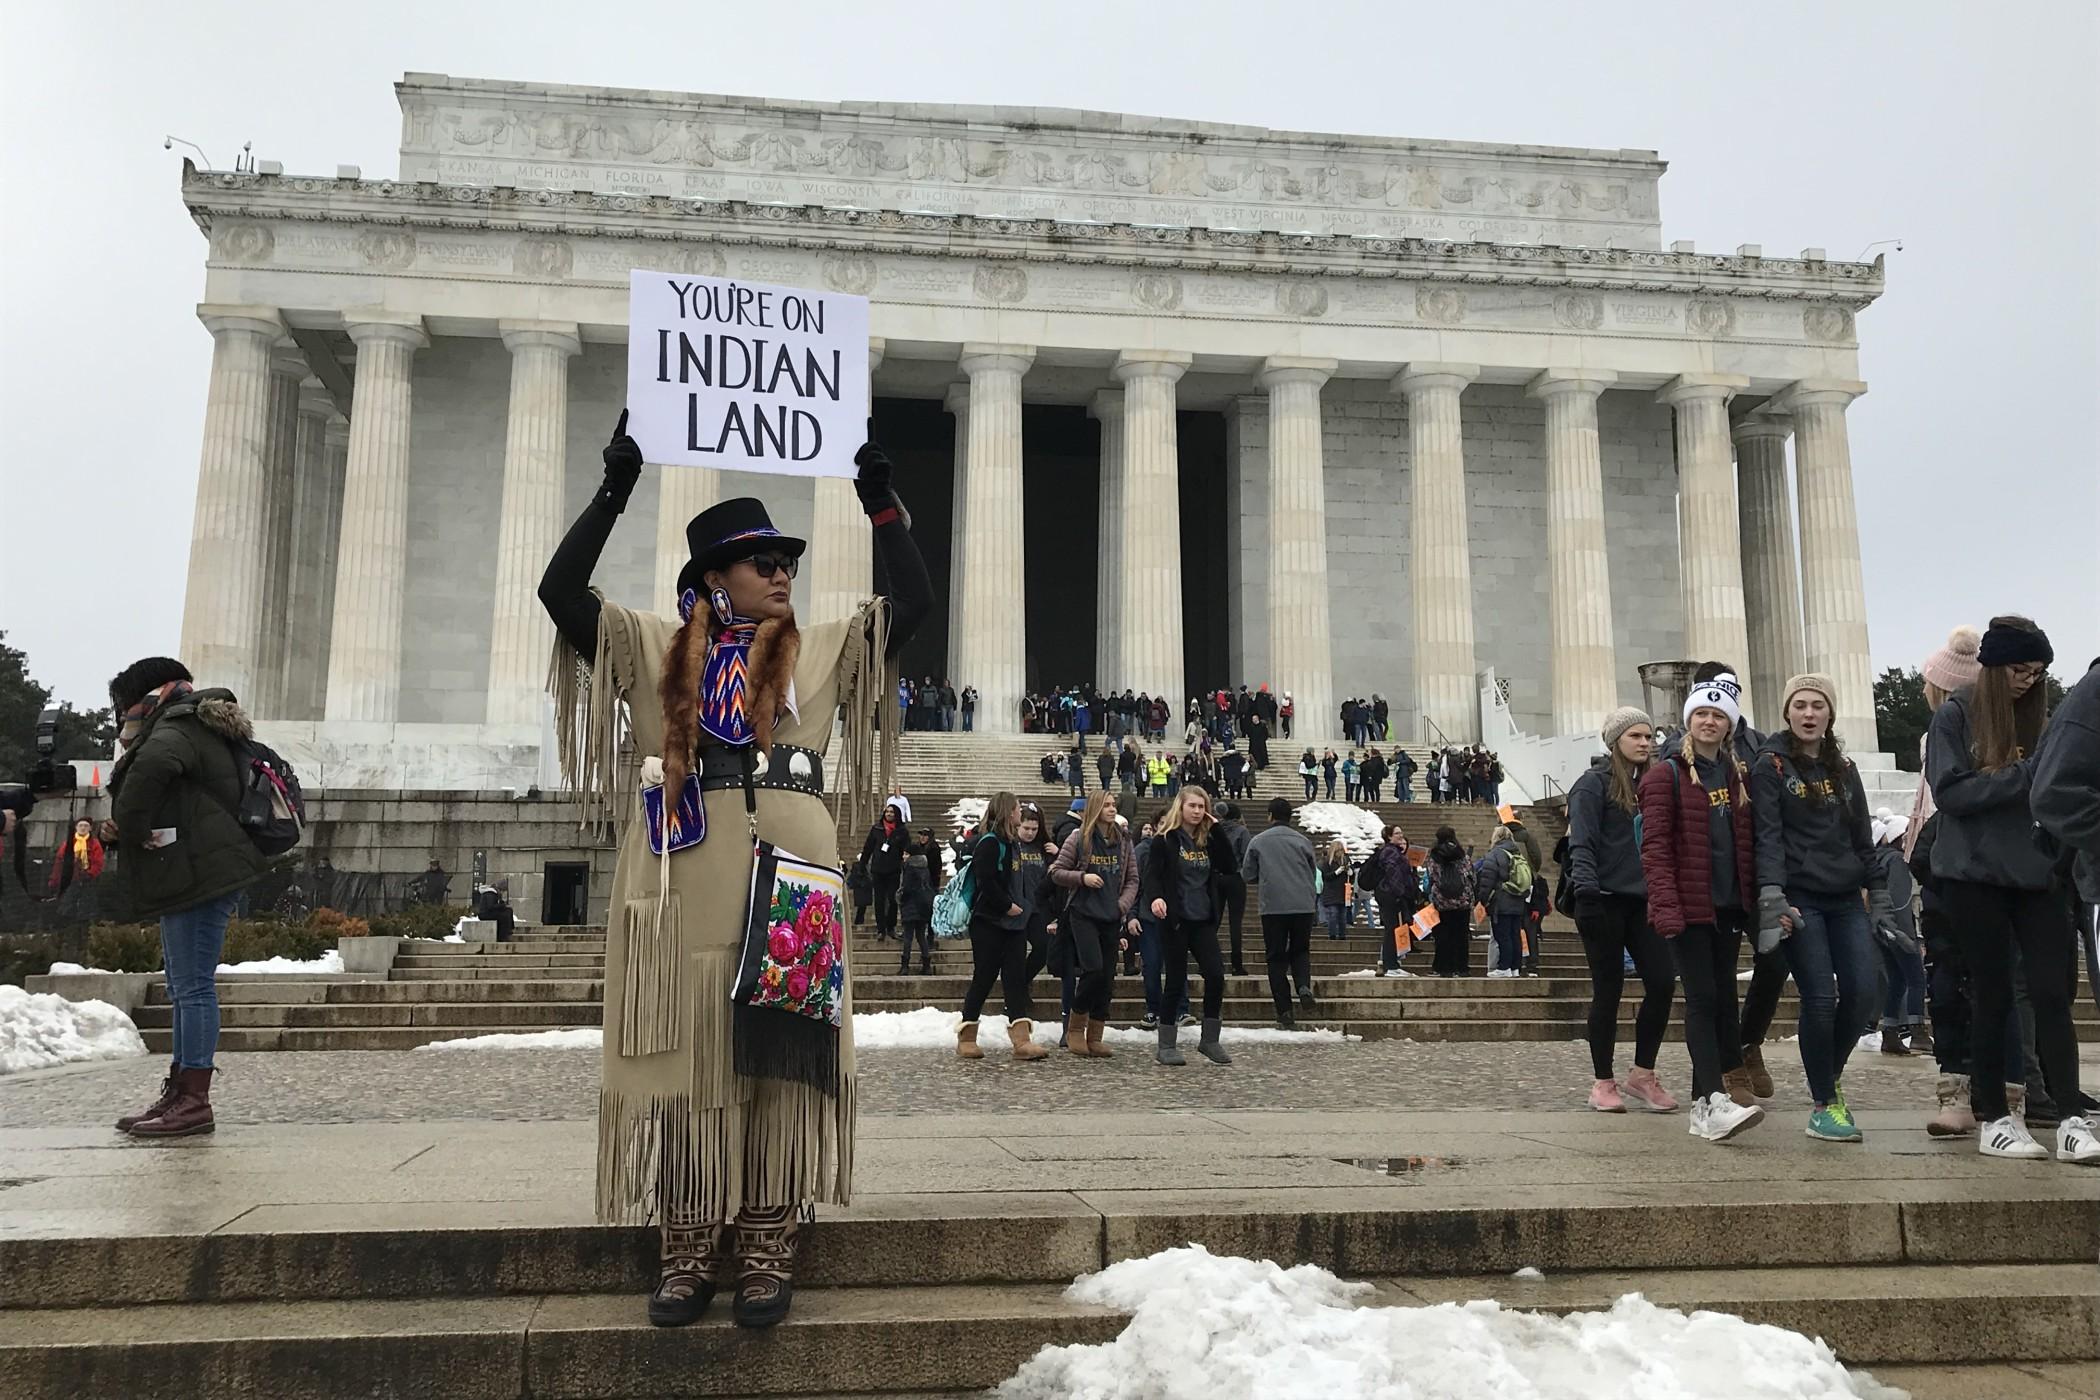 Jste v zemi indiánů, upozorňuje nápis na transparentu jednoho z manifestujících indiánů